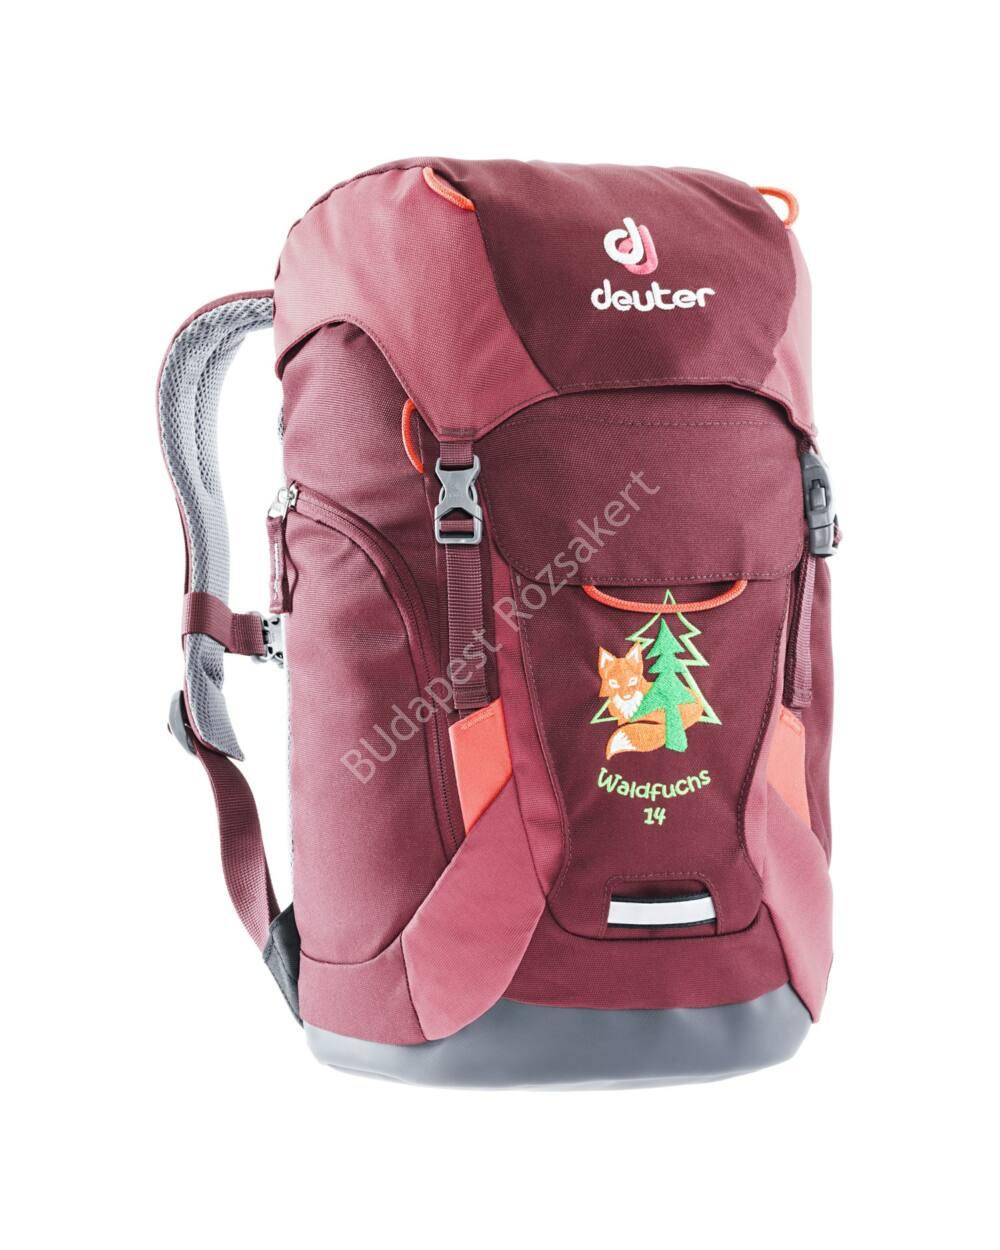 Deuter Waldfuchs gyermek hátizsák 14L, maron-cardinal